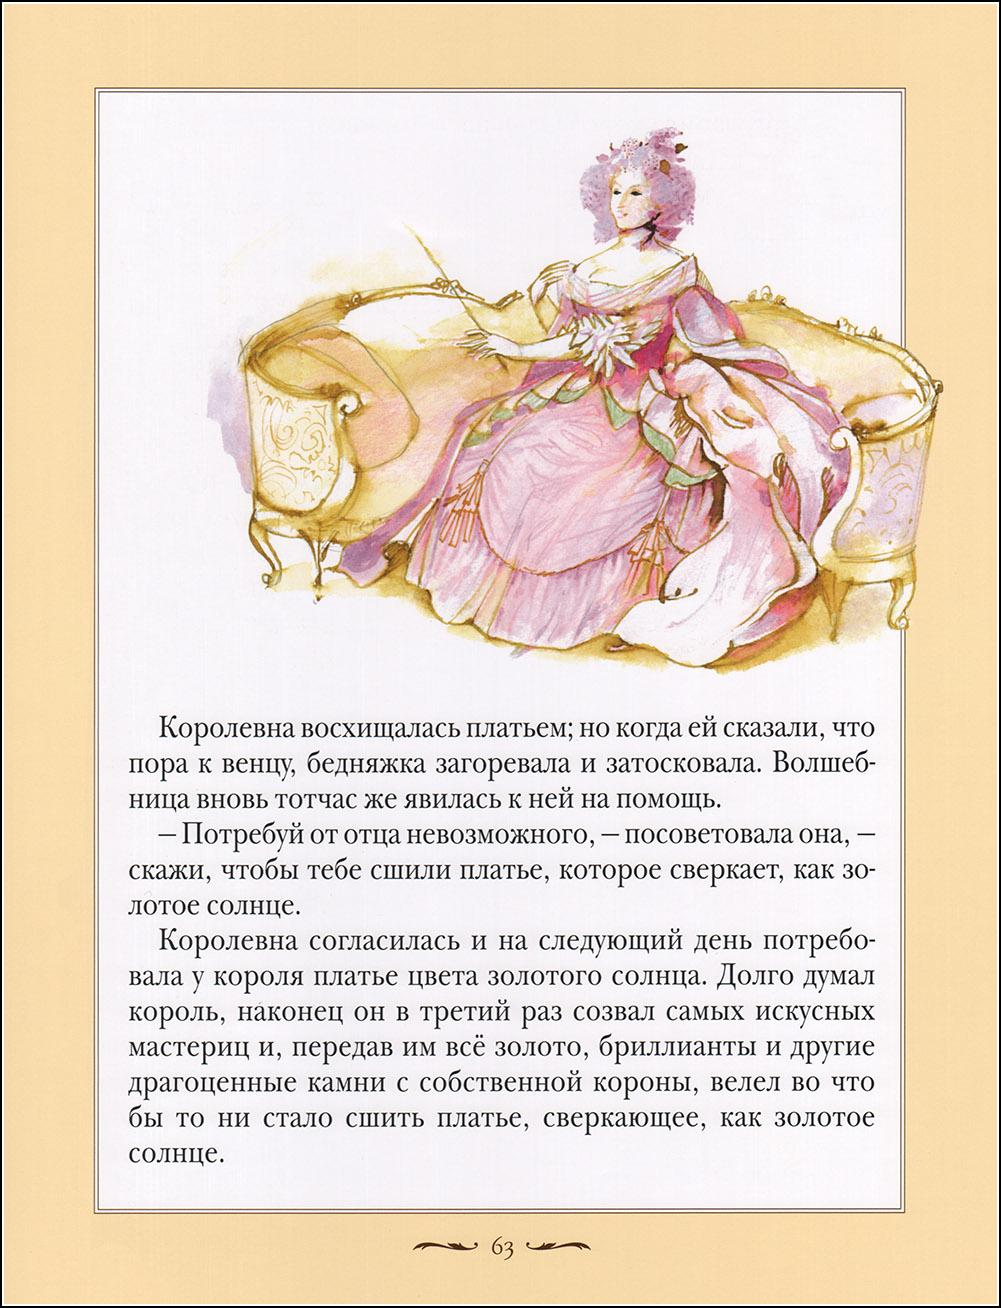 Юрий Николаев, Сказки Шарля Перро